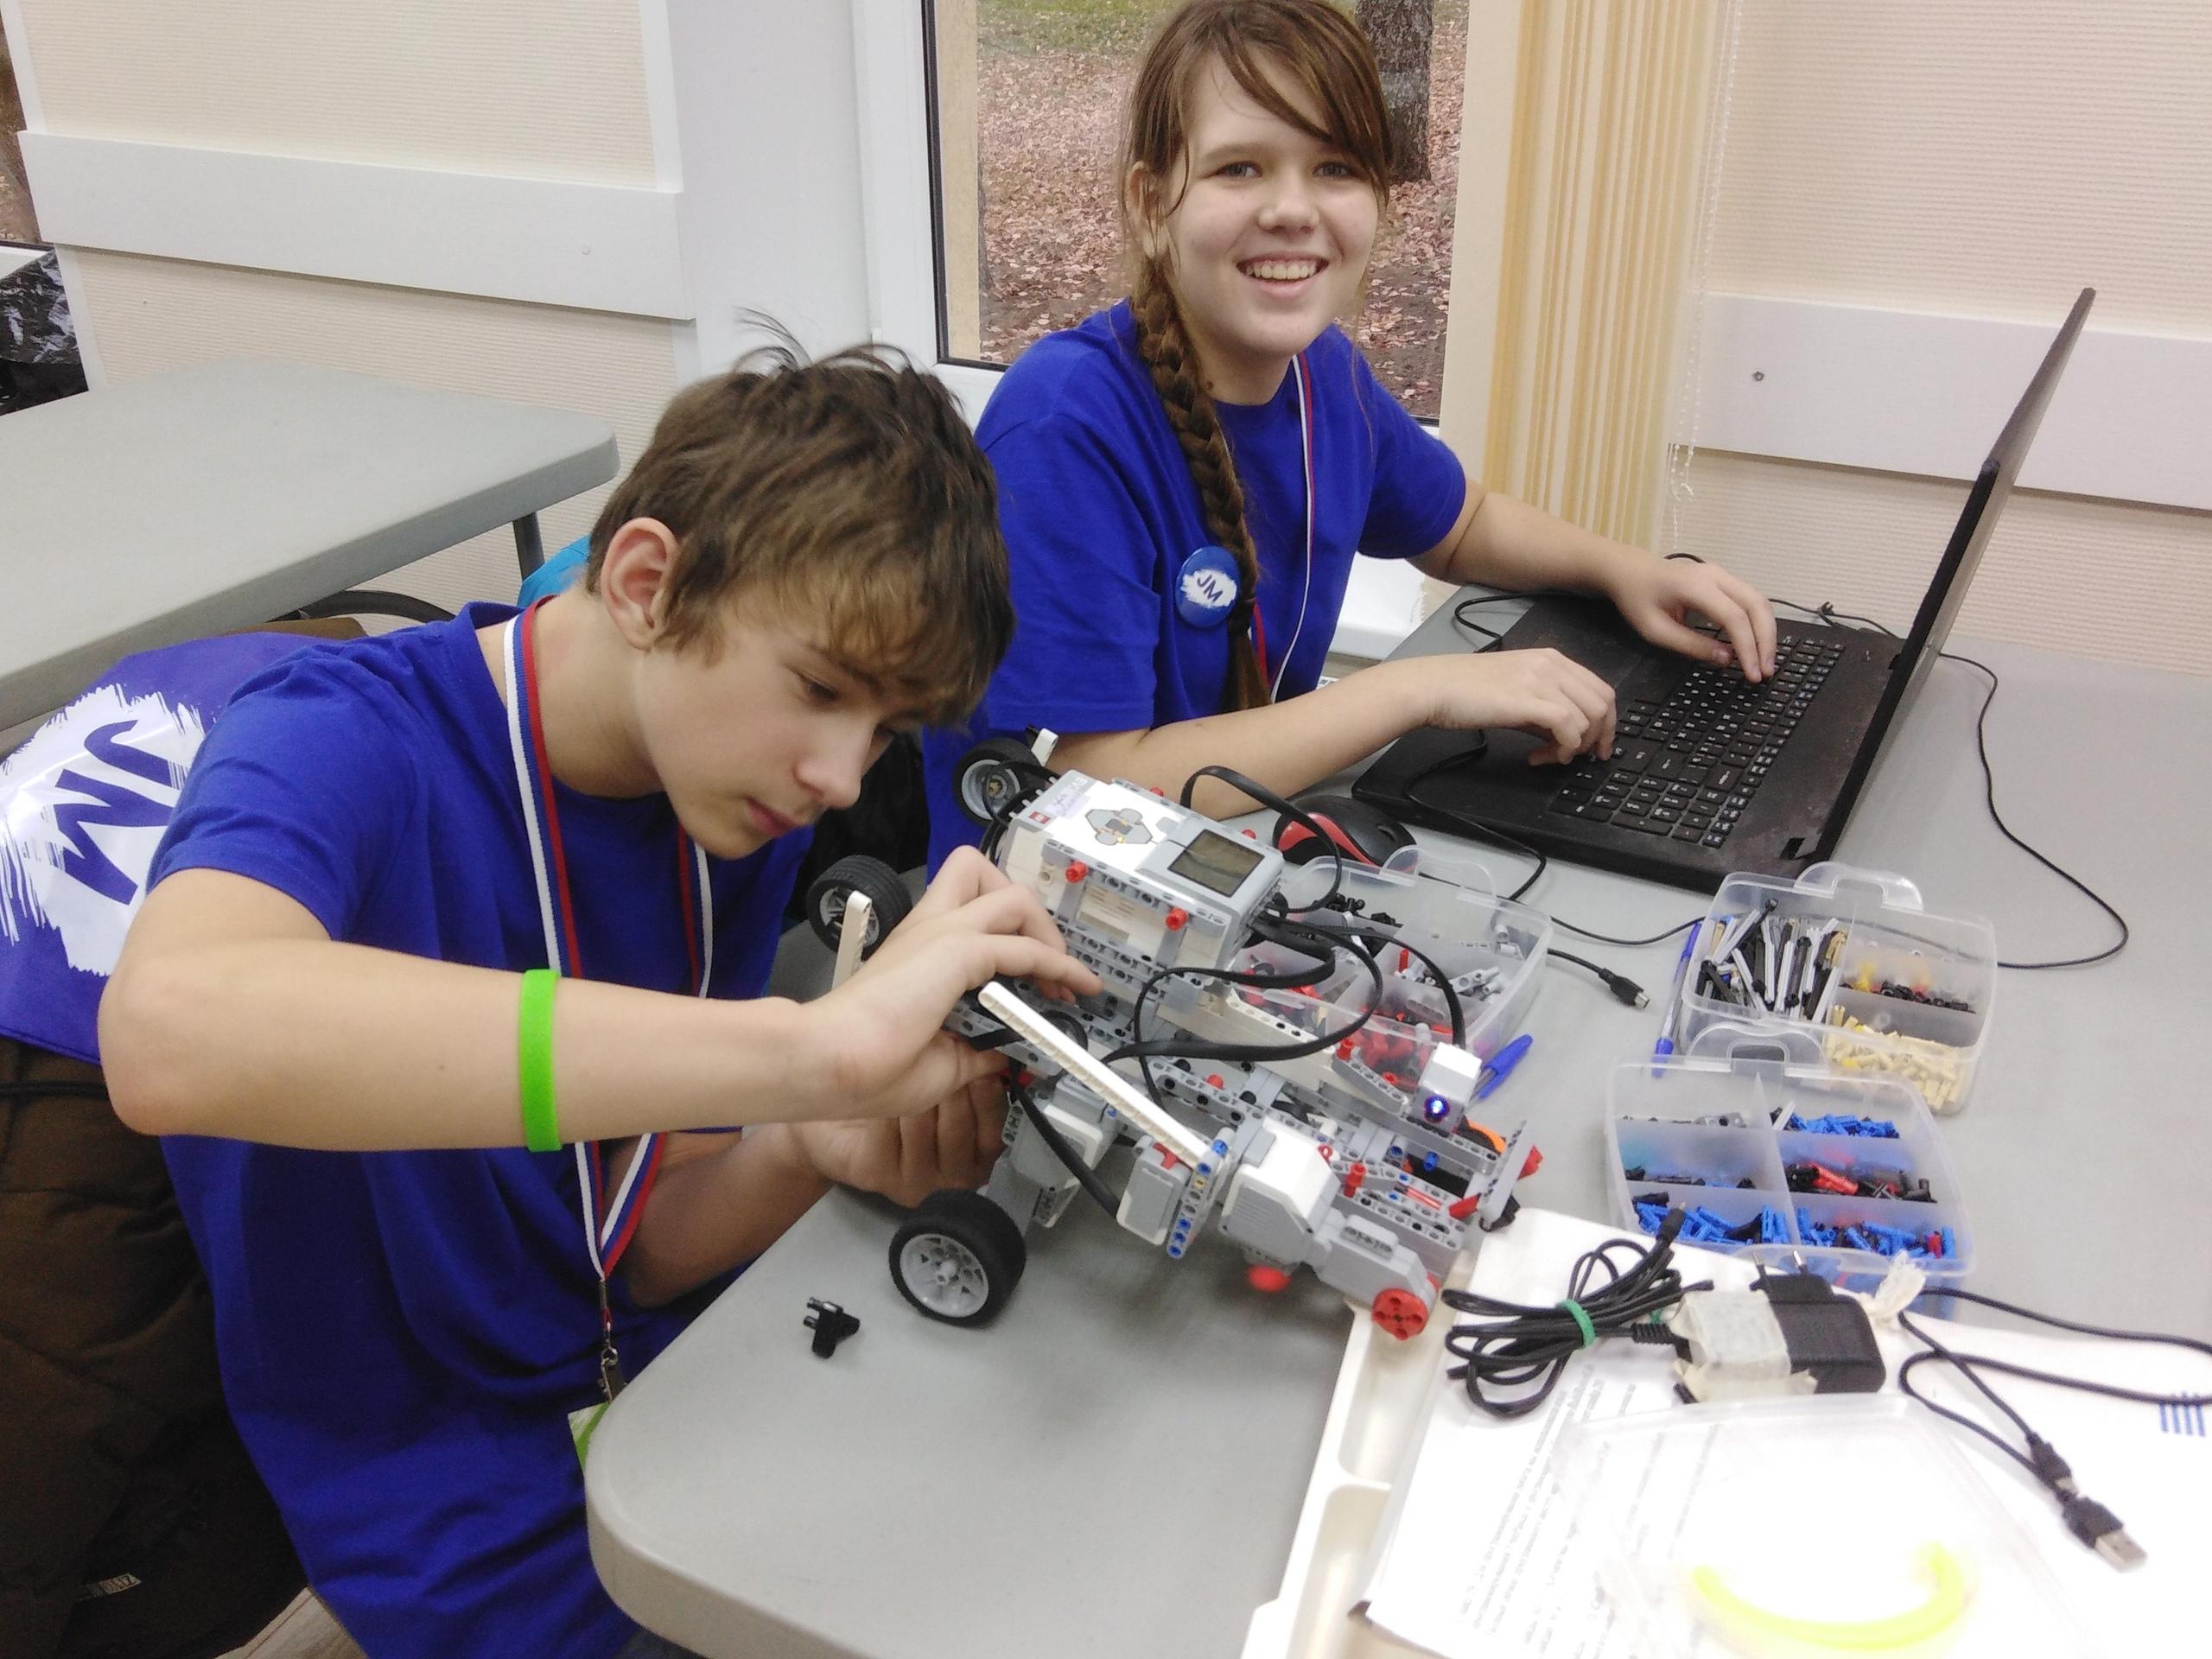 В Зауралье пройдет конкурс по робототехнике на Кубок Губернатора Курганской области